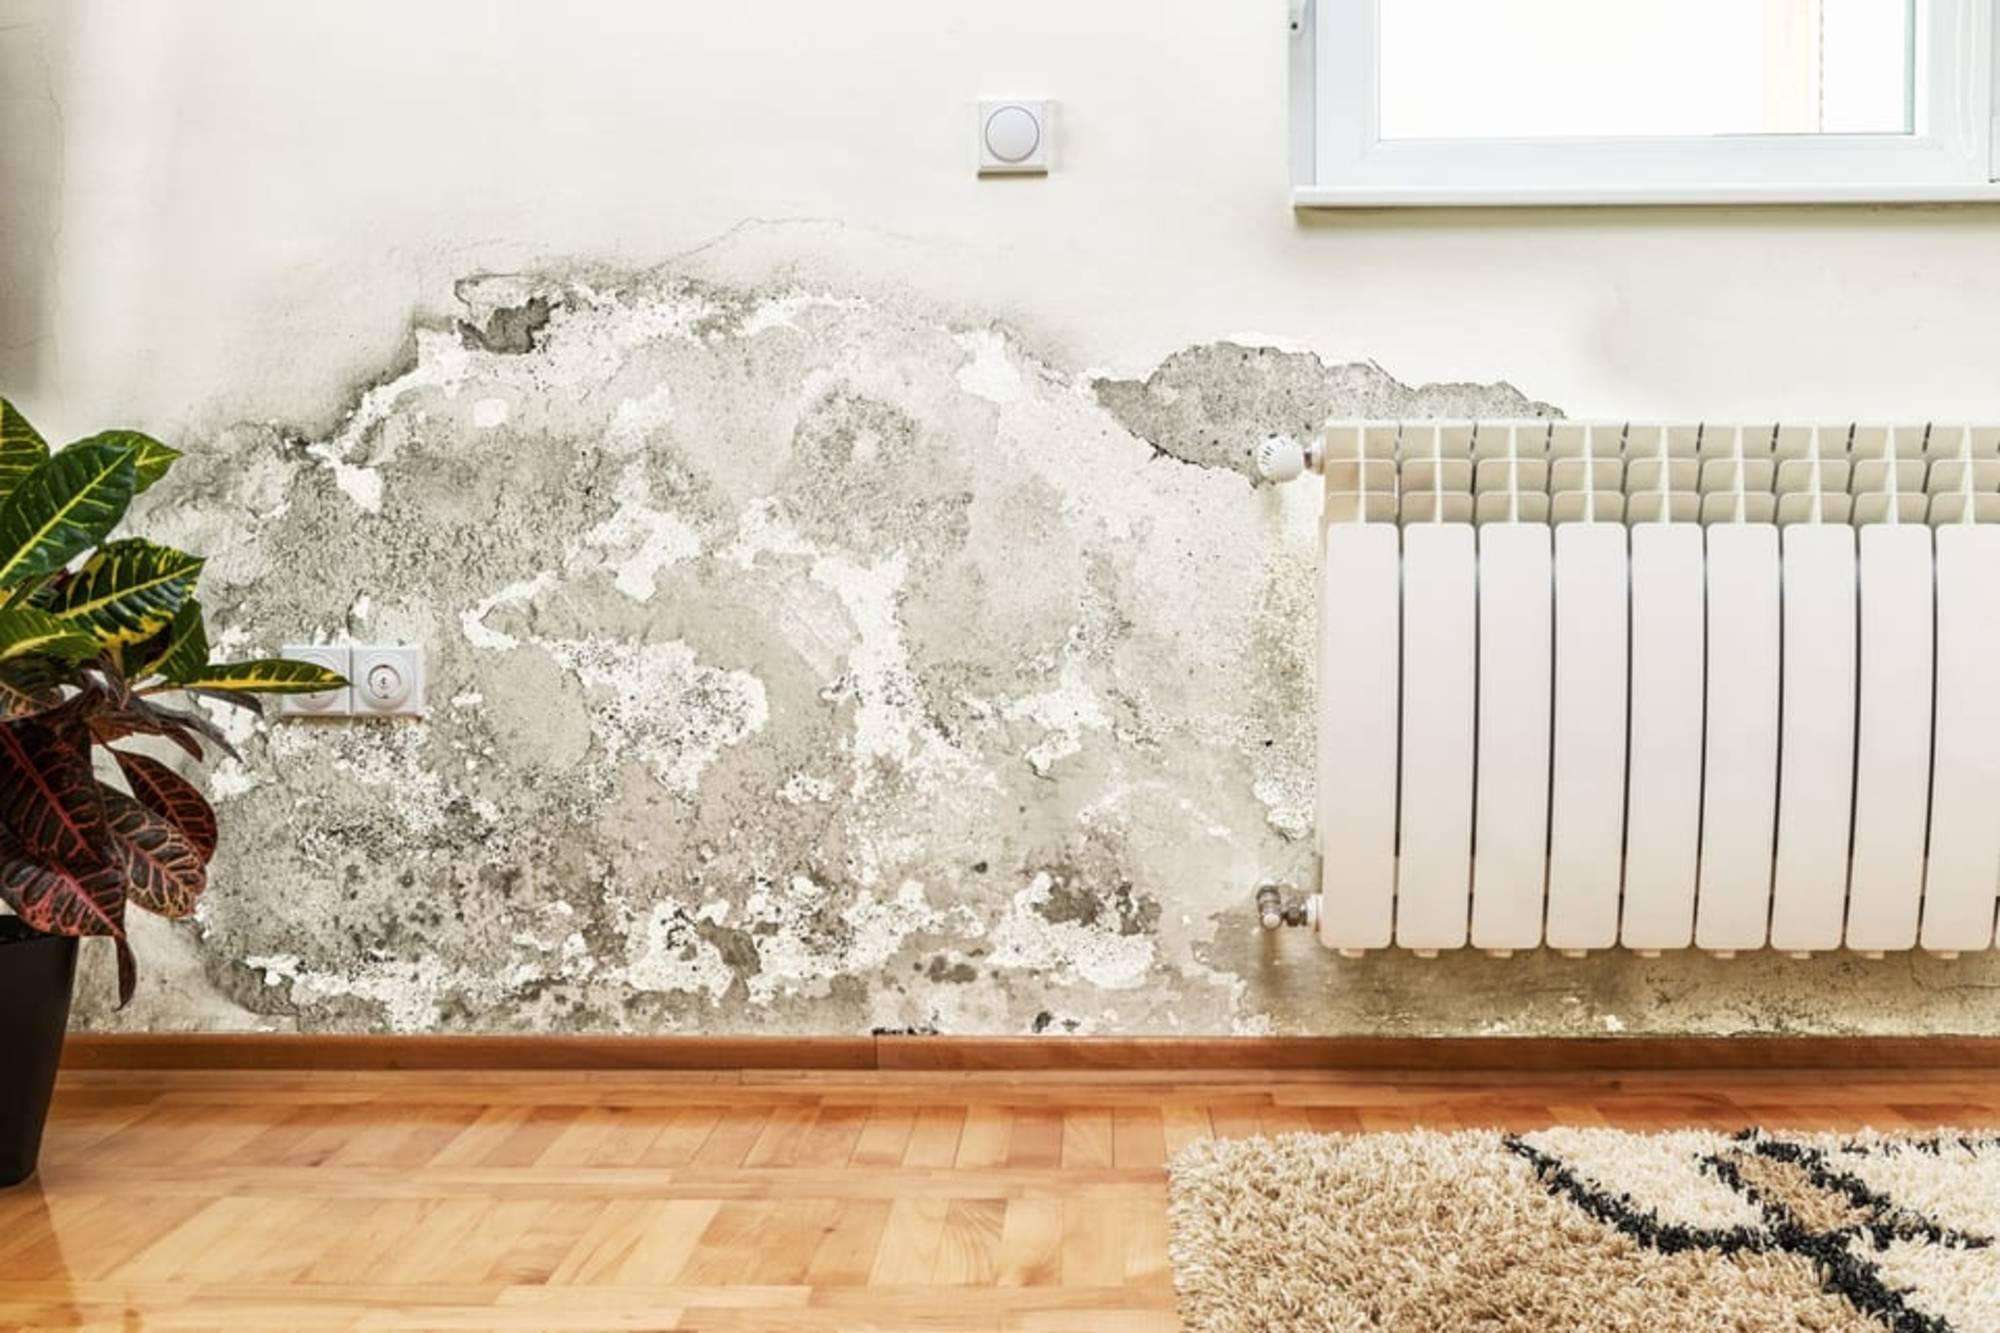 problème tache mur humidité